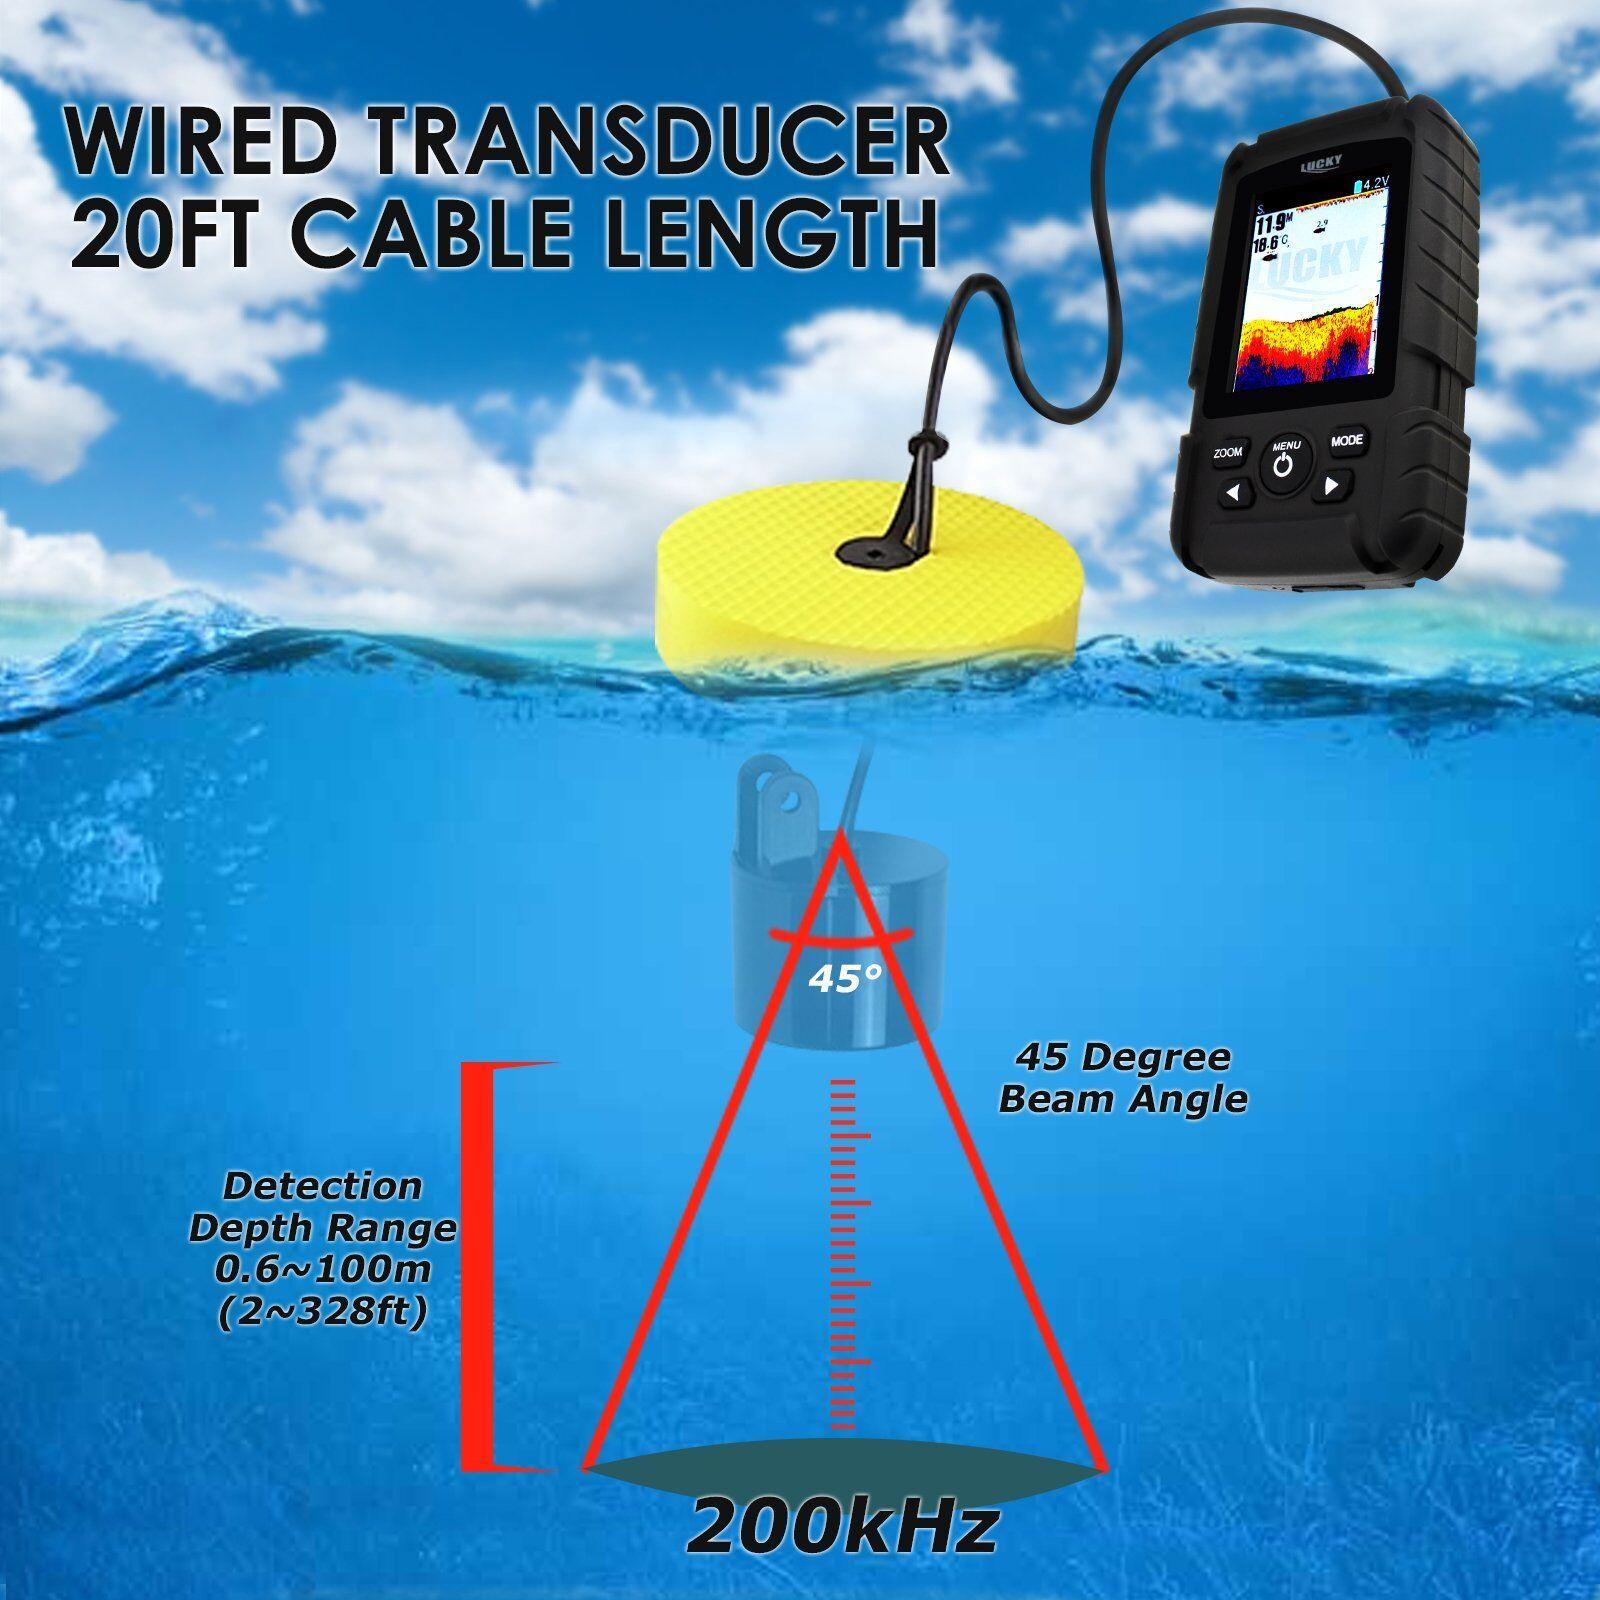 2-in-1 Cablata Pesce Mirino Menu Inglese/Russo Senza Fili/6M Cablata 2-in-1 Sensore 328ft(100m) 049a9c